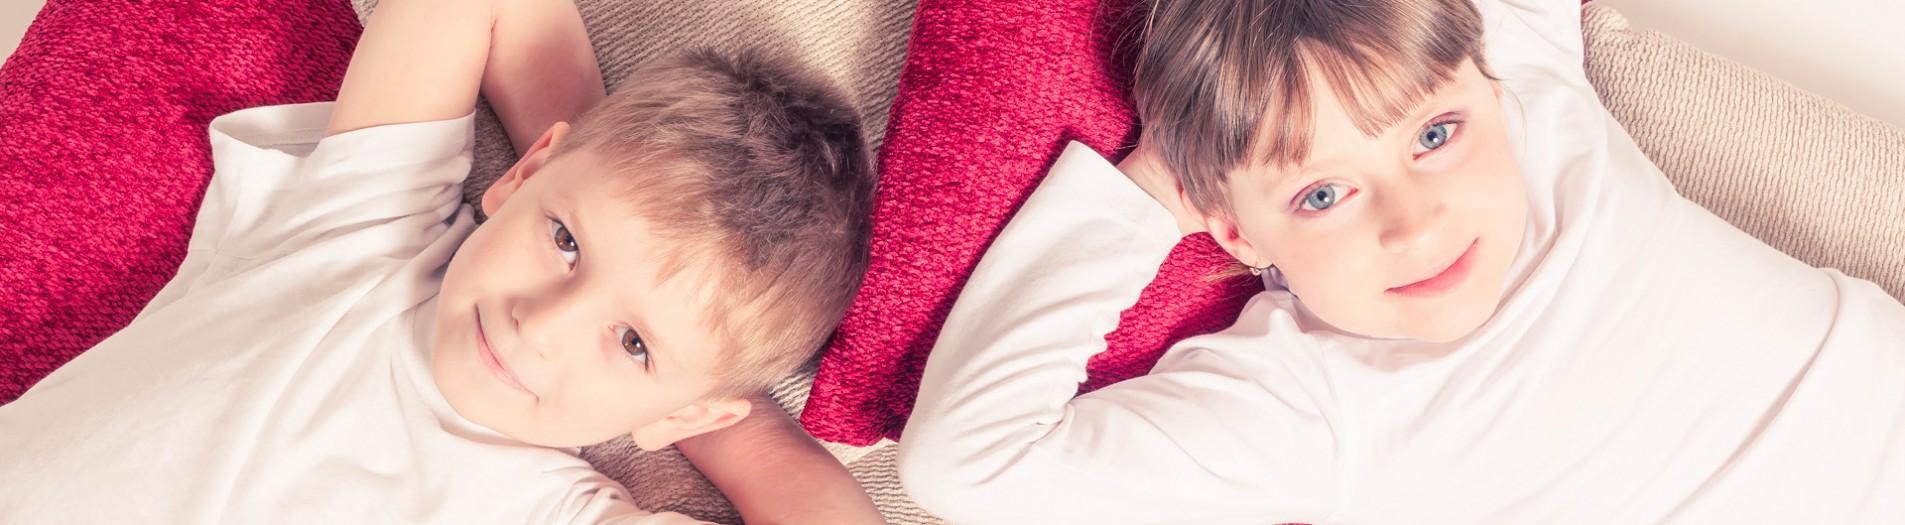 Děti a rodina - ateliér